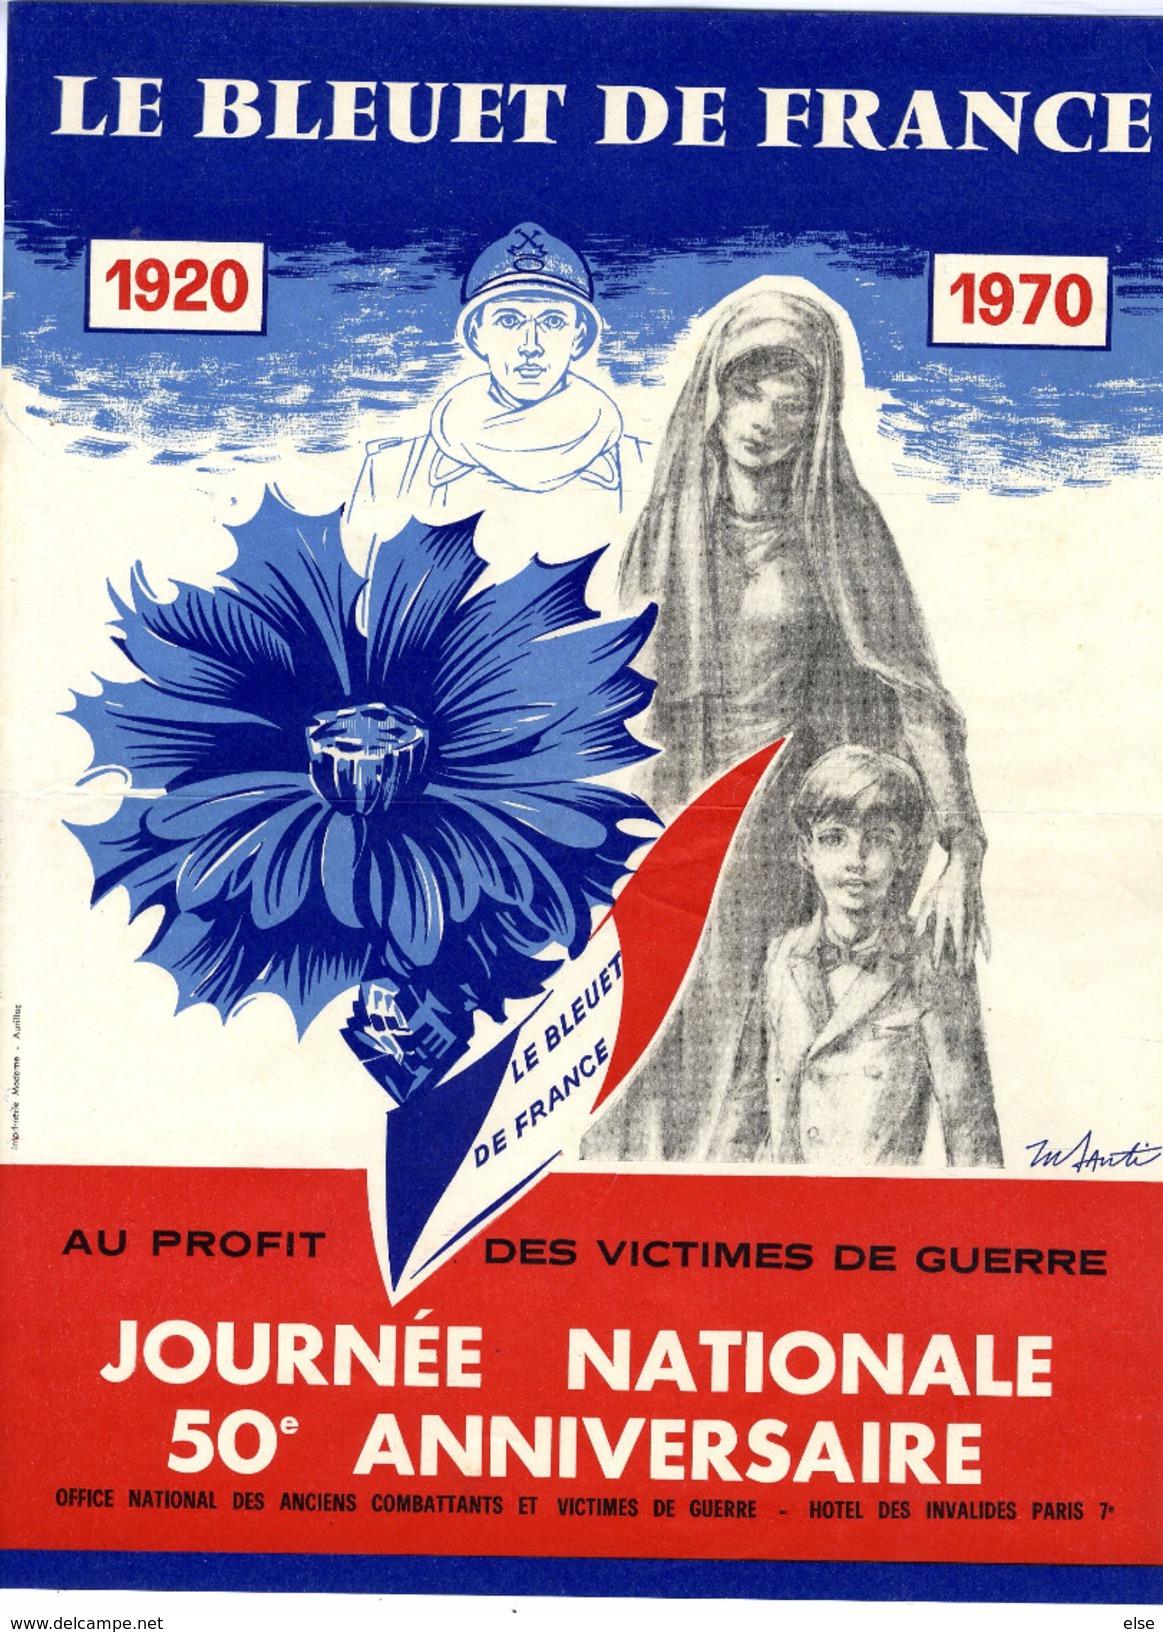 LE BLEUET DE FRANCE  1920 1970  AU PROFIT DES VICTIMES DE GUERRE  JOURNEE NATIONALE  -  AFFICHE ILLUSTREE - 1939-45